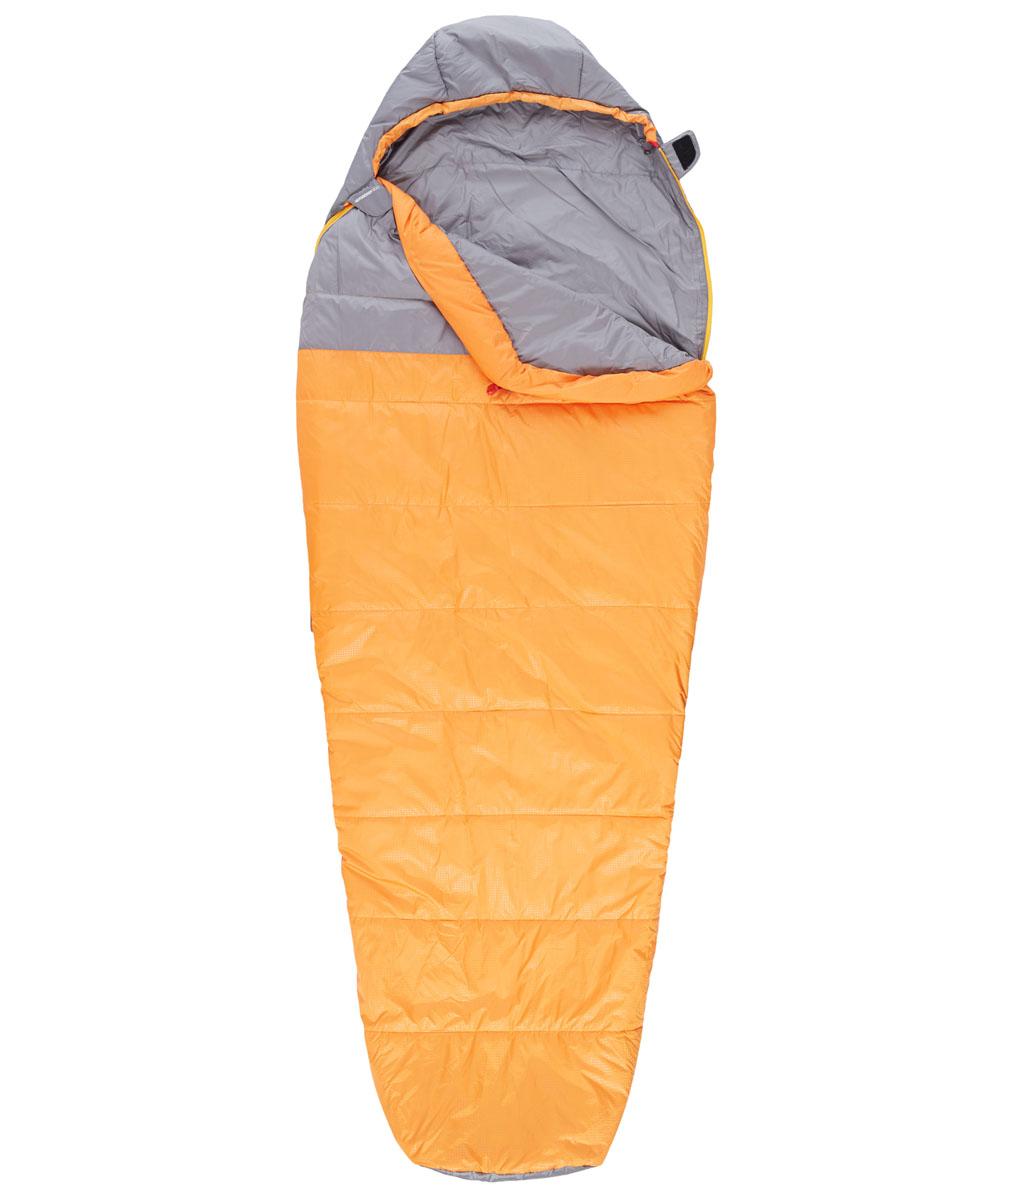 Мешок спальный The North Face Aleutian 35/2, цвет: оранжевый, серый, левосторонняя молния360700032The North Face Aleutian 35/2 - это трехсезонный спальный мешок для путешествий, который можно целиком расстегнуть и расстелить в палатке. Этот спальный мешок очень вместительный, универсальный, теплый, комфортный и при этом практичный. Спальный мешок упакован в удобный чехол для переноски.Длина мешка: 183 см.Вес наполнителя: 517 г.